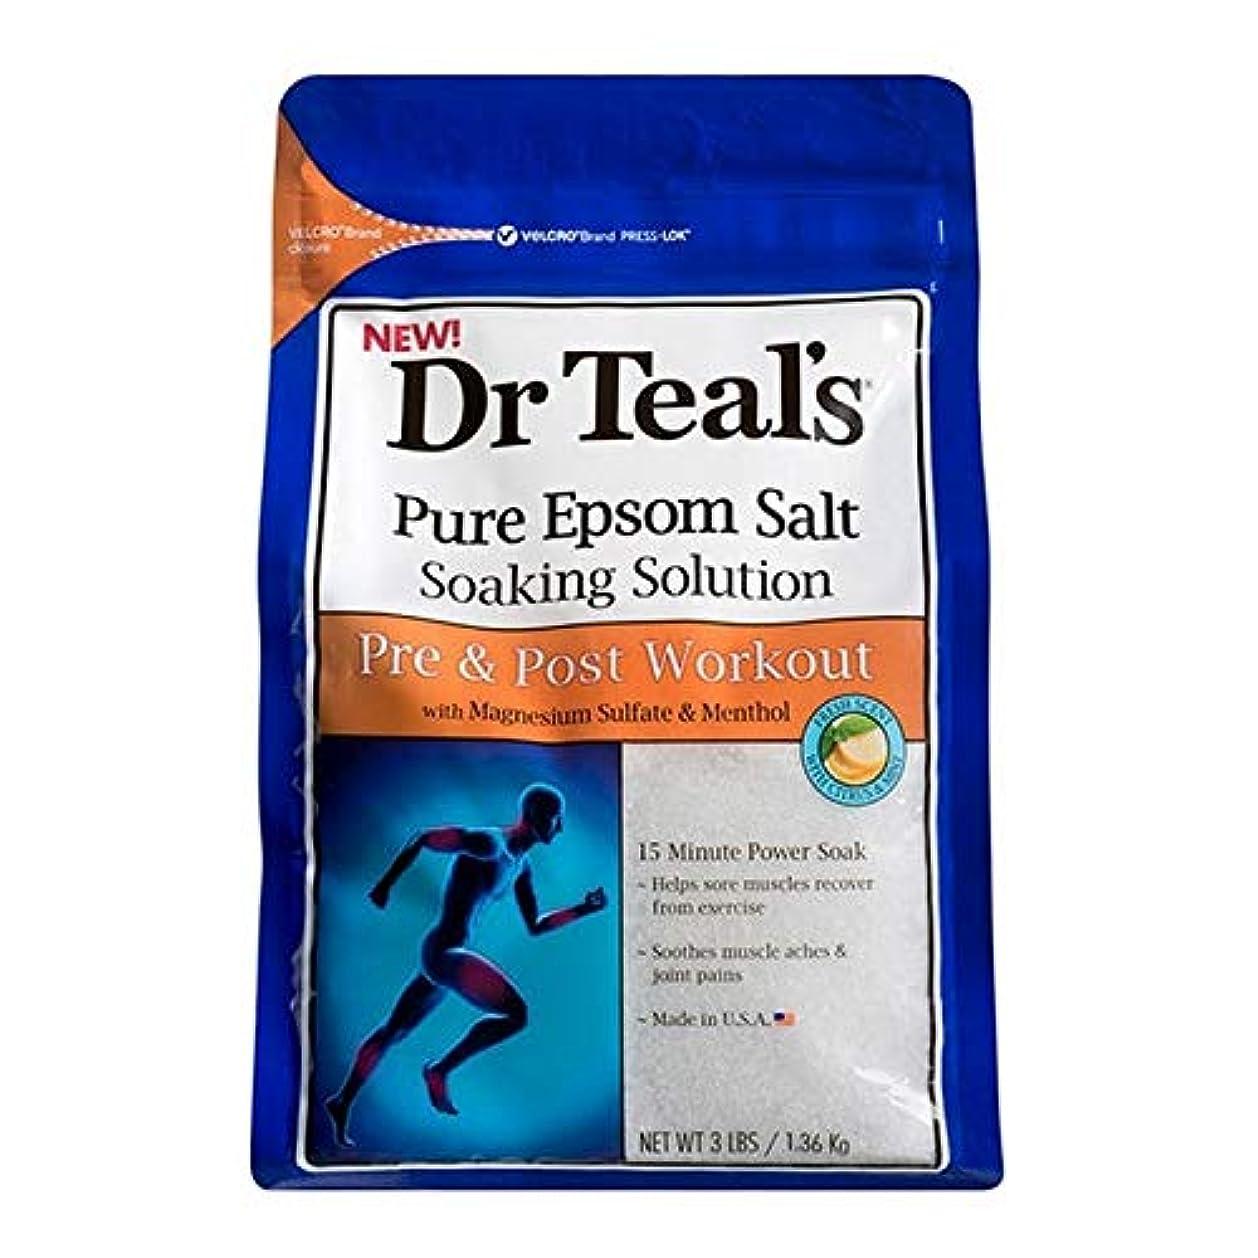 希望に満ちた文スロベニア[Dr Teals] Drのティールの均熱Bathsalt前N個のポストワークアウト1.36キロ - Dr Teal's Soaking Bathsalt Pre N Post Workout 1.36 kg [並行輸入品]